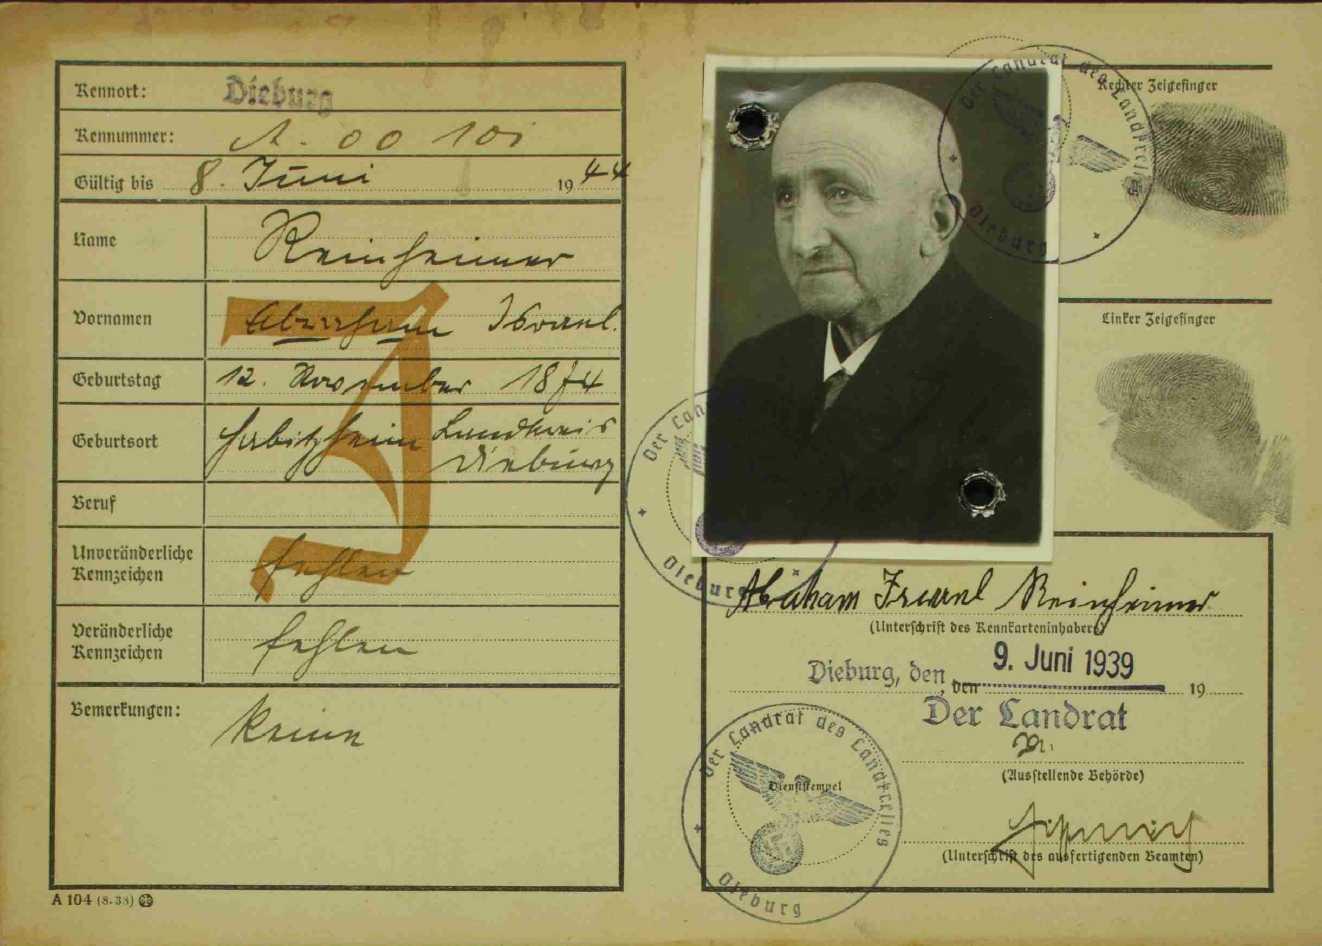 http://www.alemannia-judaica.de/images/Images%20387/Habitzheim%20KK%20MZ%20Reinheimer%20Abraham.jpg